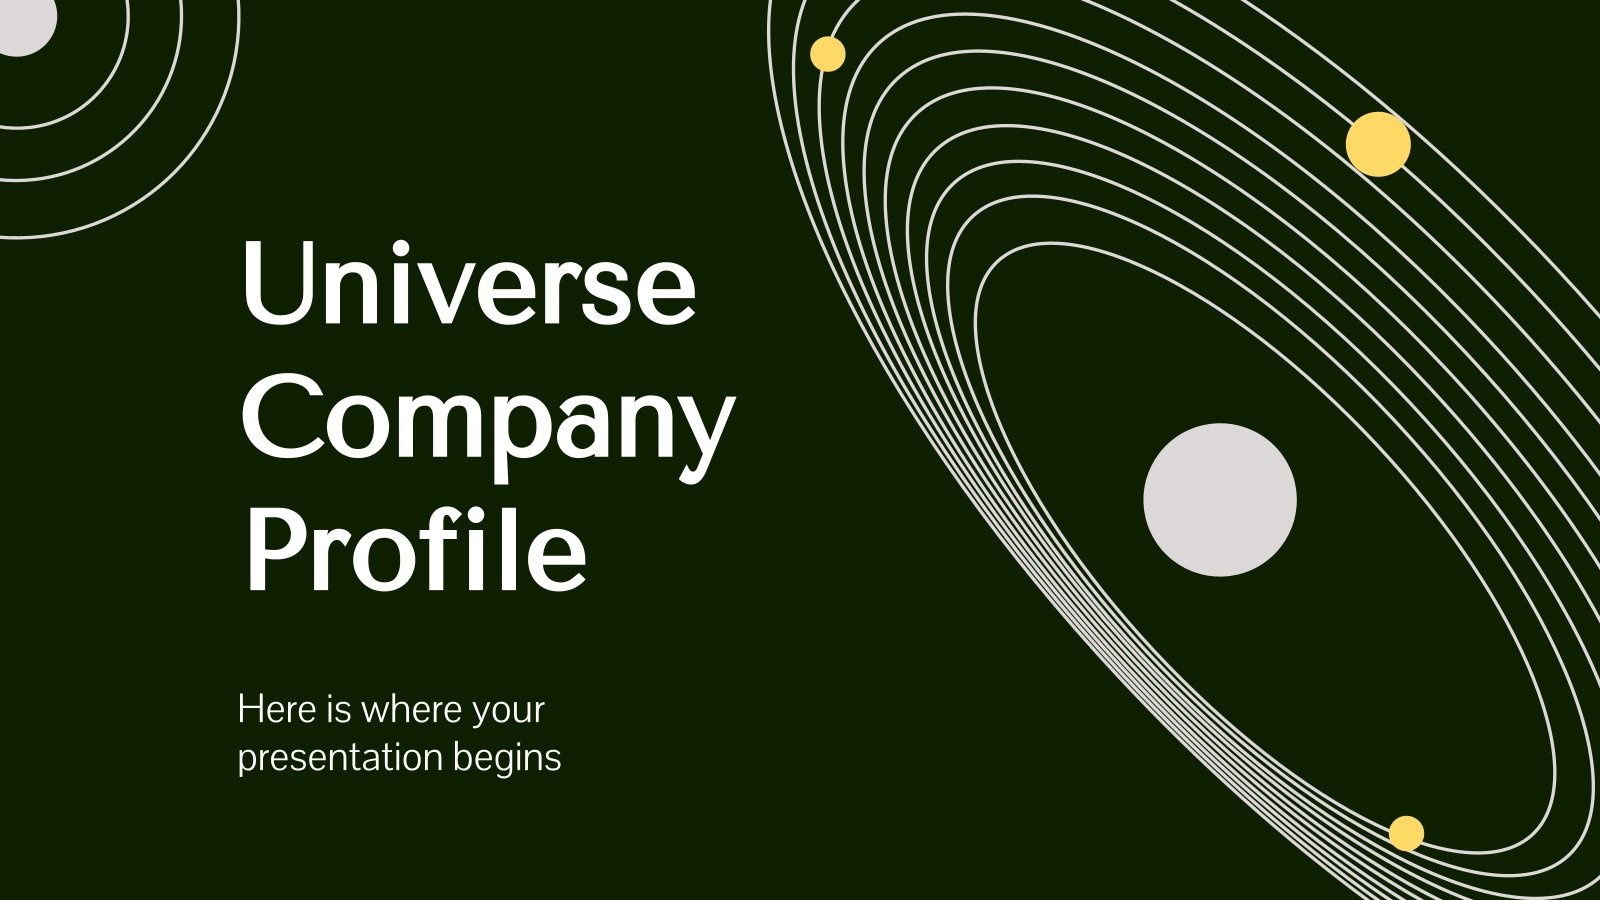 Modelo de apresentação Perfil da empresa galáctica flat